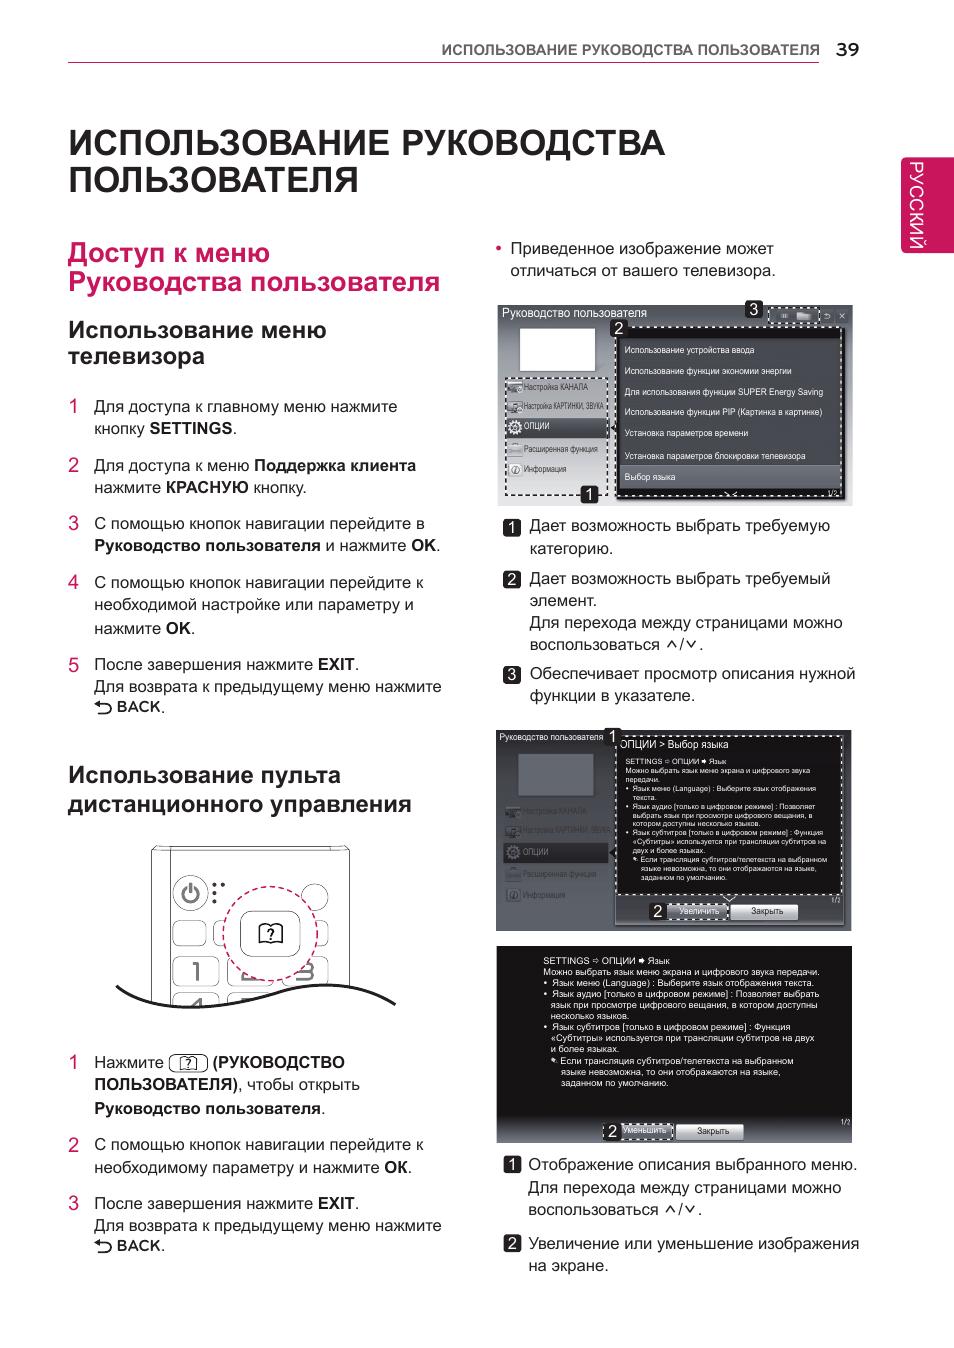 инструкция пользователя ос андроид